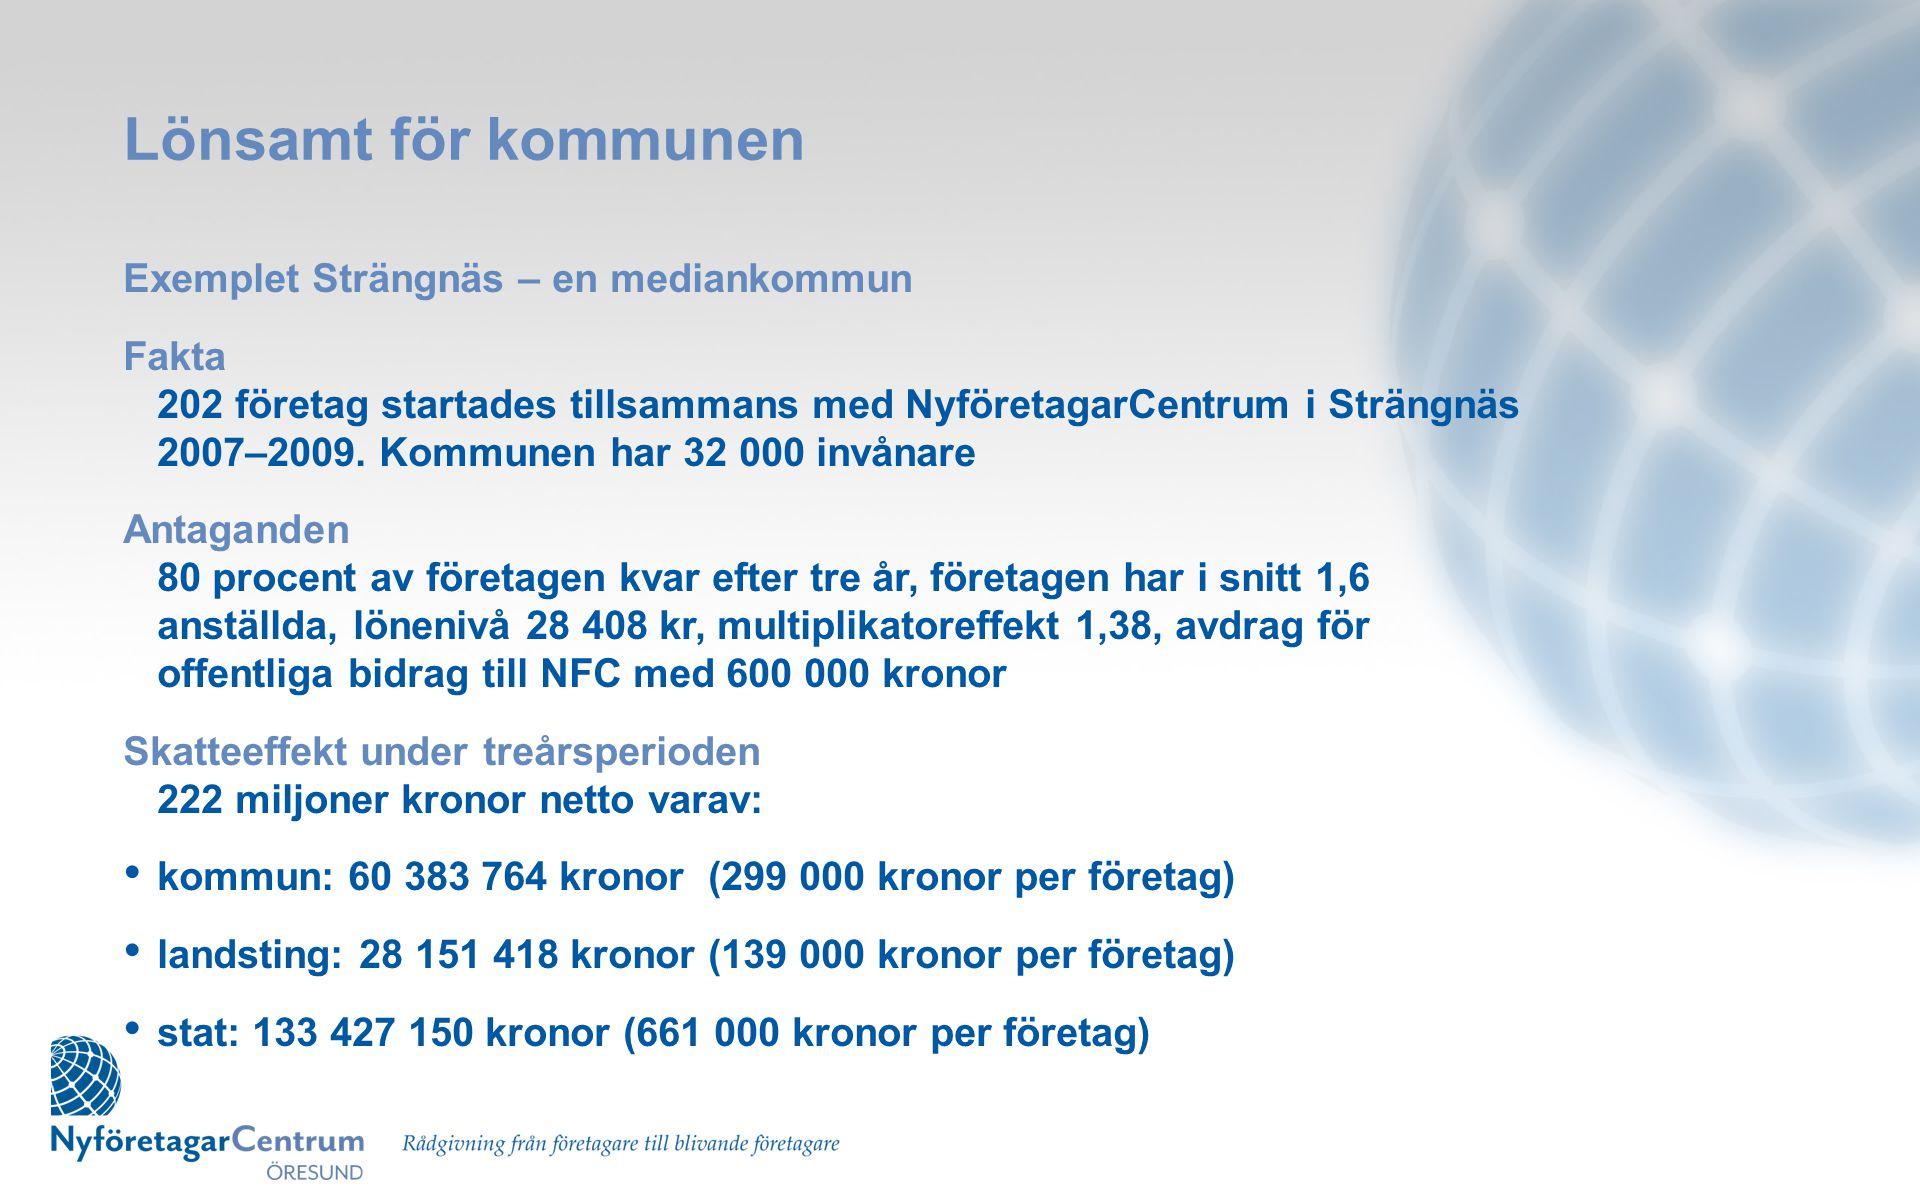 Lönsamt för kommunen Exemplet Strängnäs – en mediankommun Fakta 202 företag startades tillsammans med NyföretagarCentrum i Strängnäs 2007–2009. Kommun